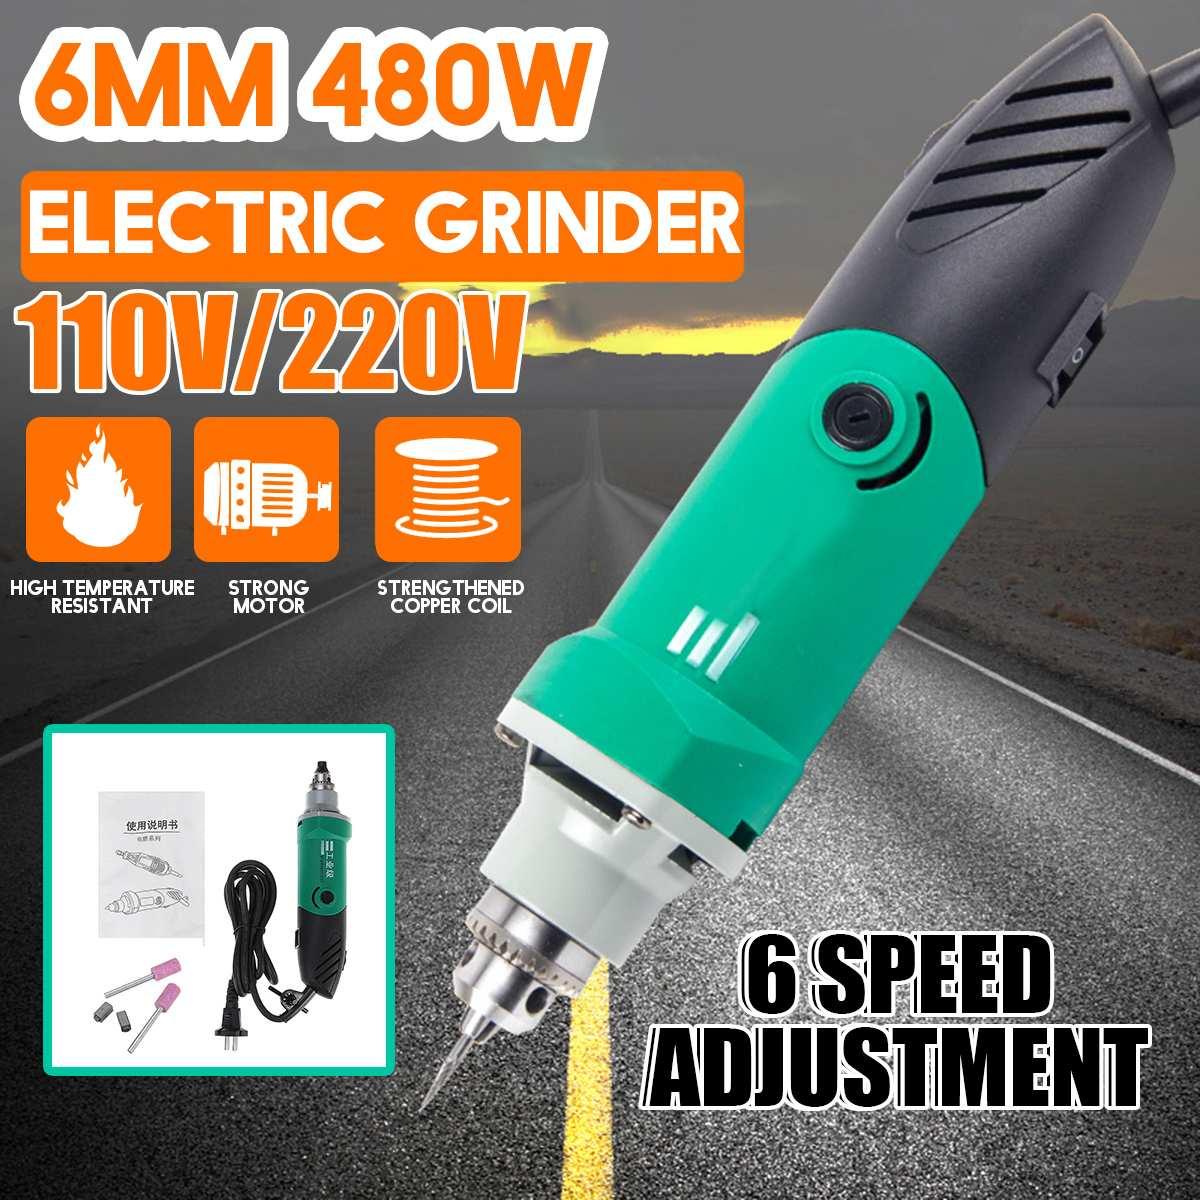 Mini outil de gravure de perceuse électrique 480W avec 6 outils de polissage rotatifs de graveur de Machine de forage de travail des métaux à vitesse Variable